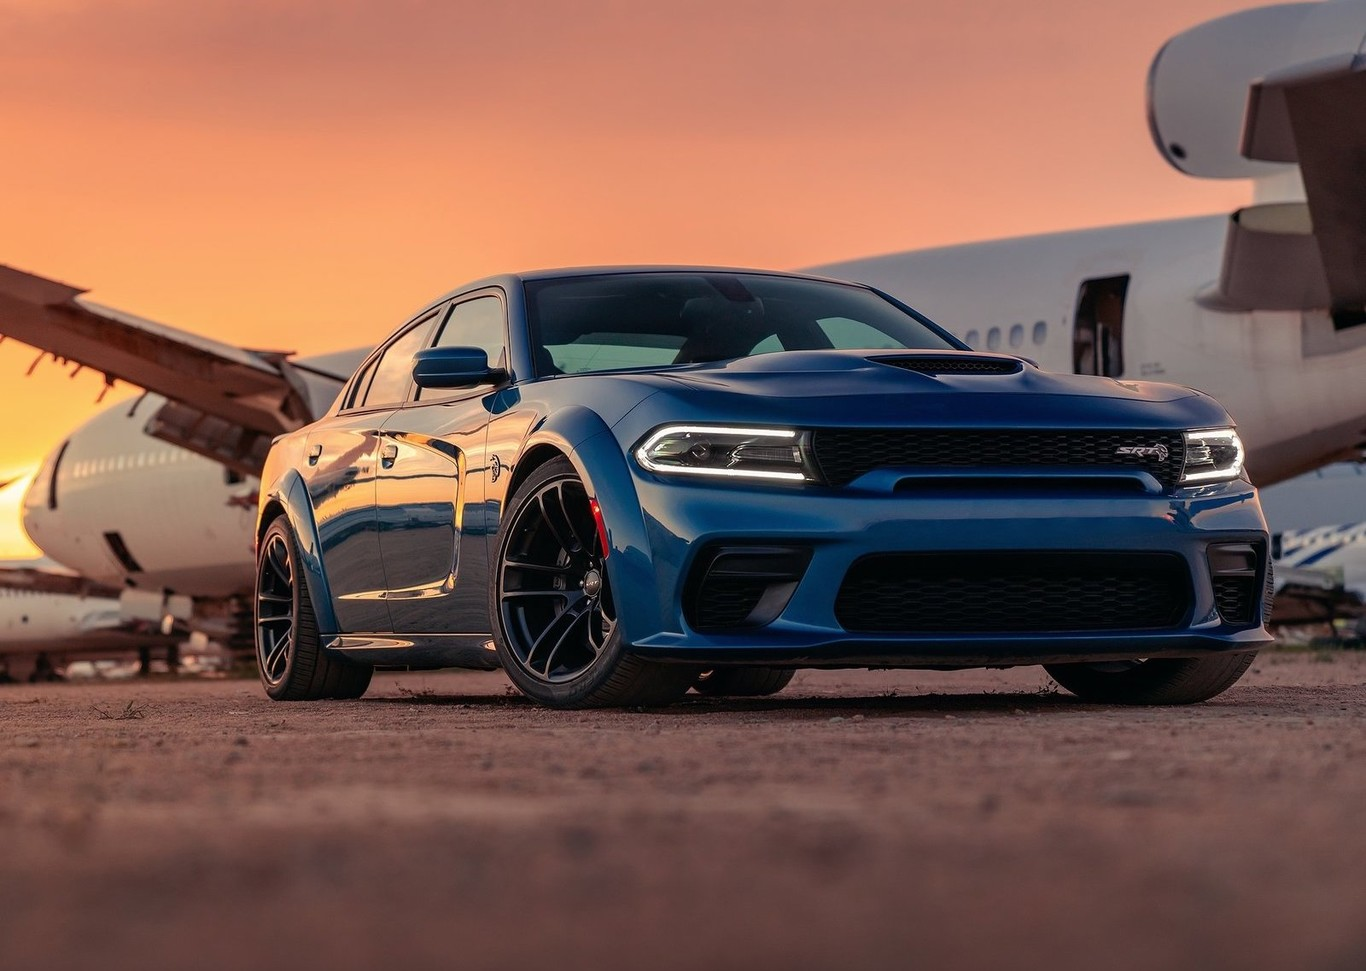 Dodge Charger Srt Hellcat Widebody 2020 Caracteristicas Fotos Y Toda La Informacion